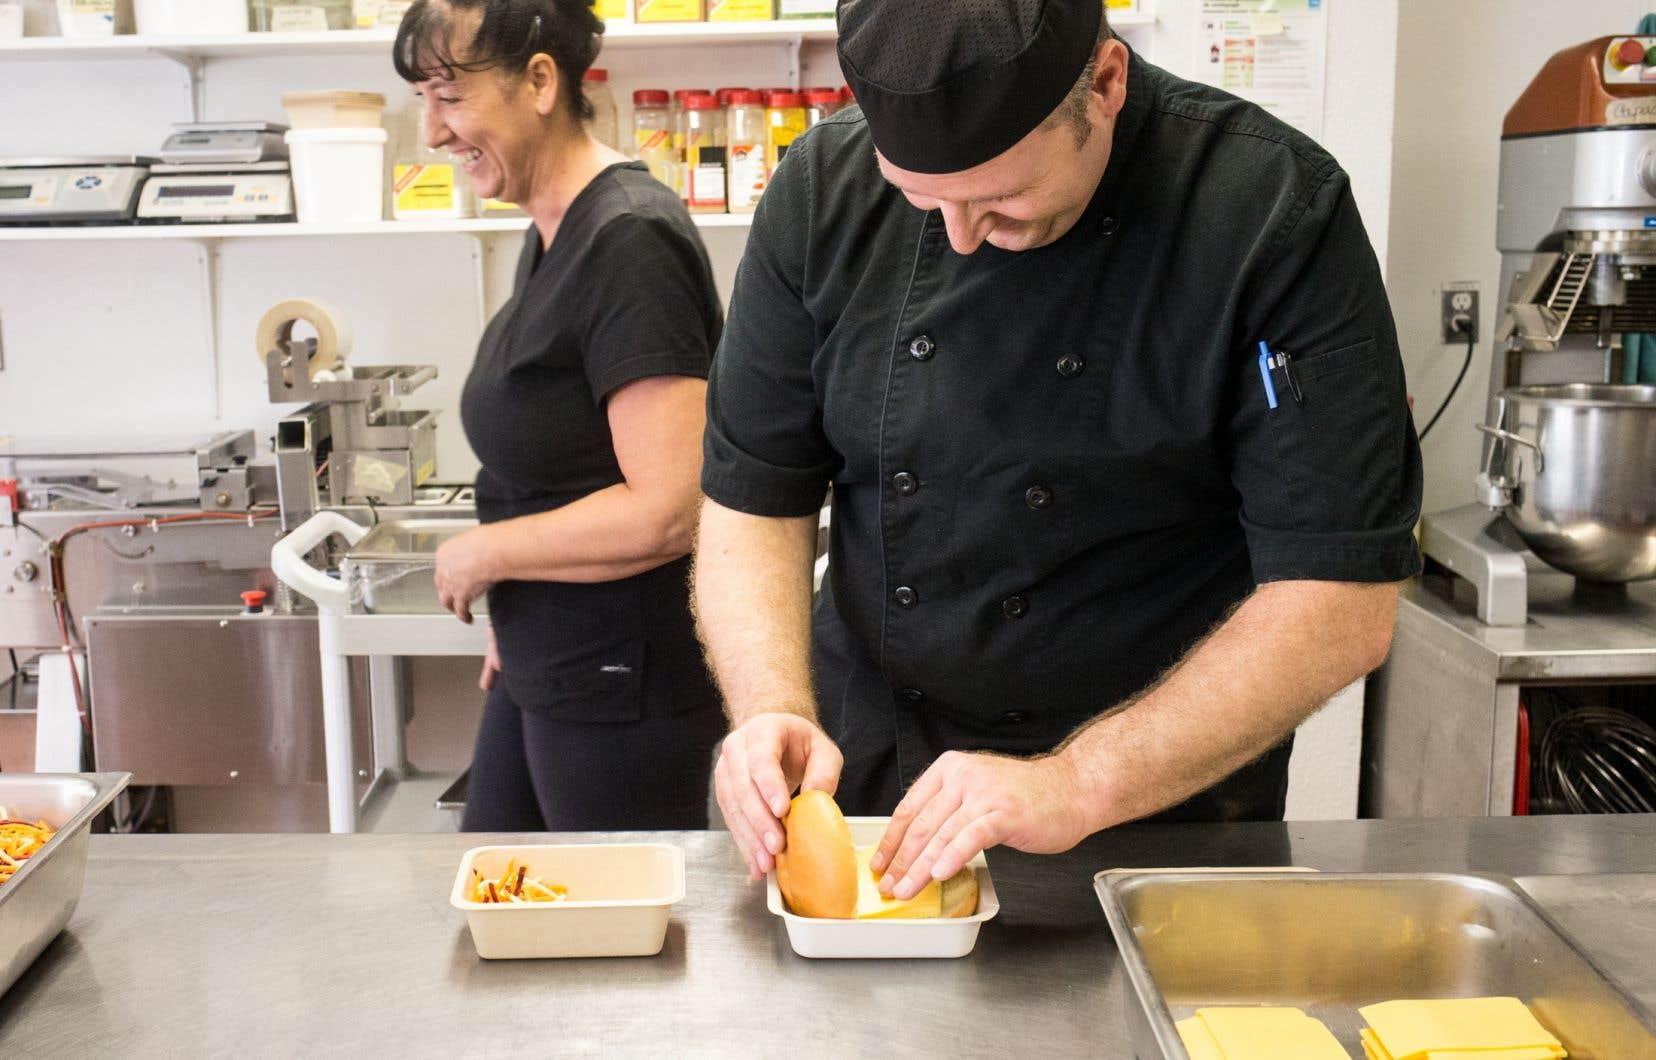 Dans le milieu scolaire, de la garderie à l'université, le guide inspire encore grandement les chefs en cuisine.